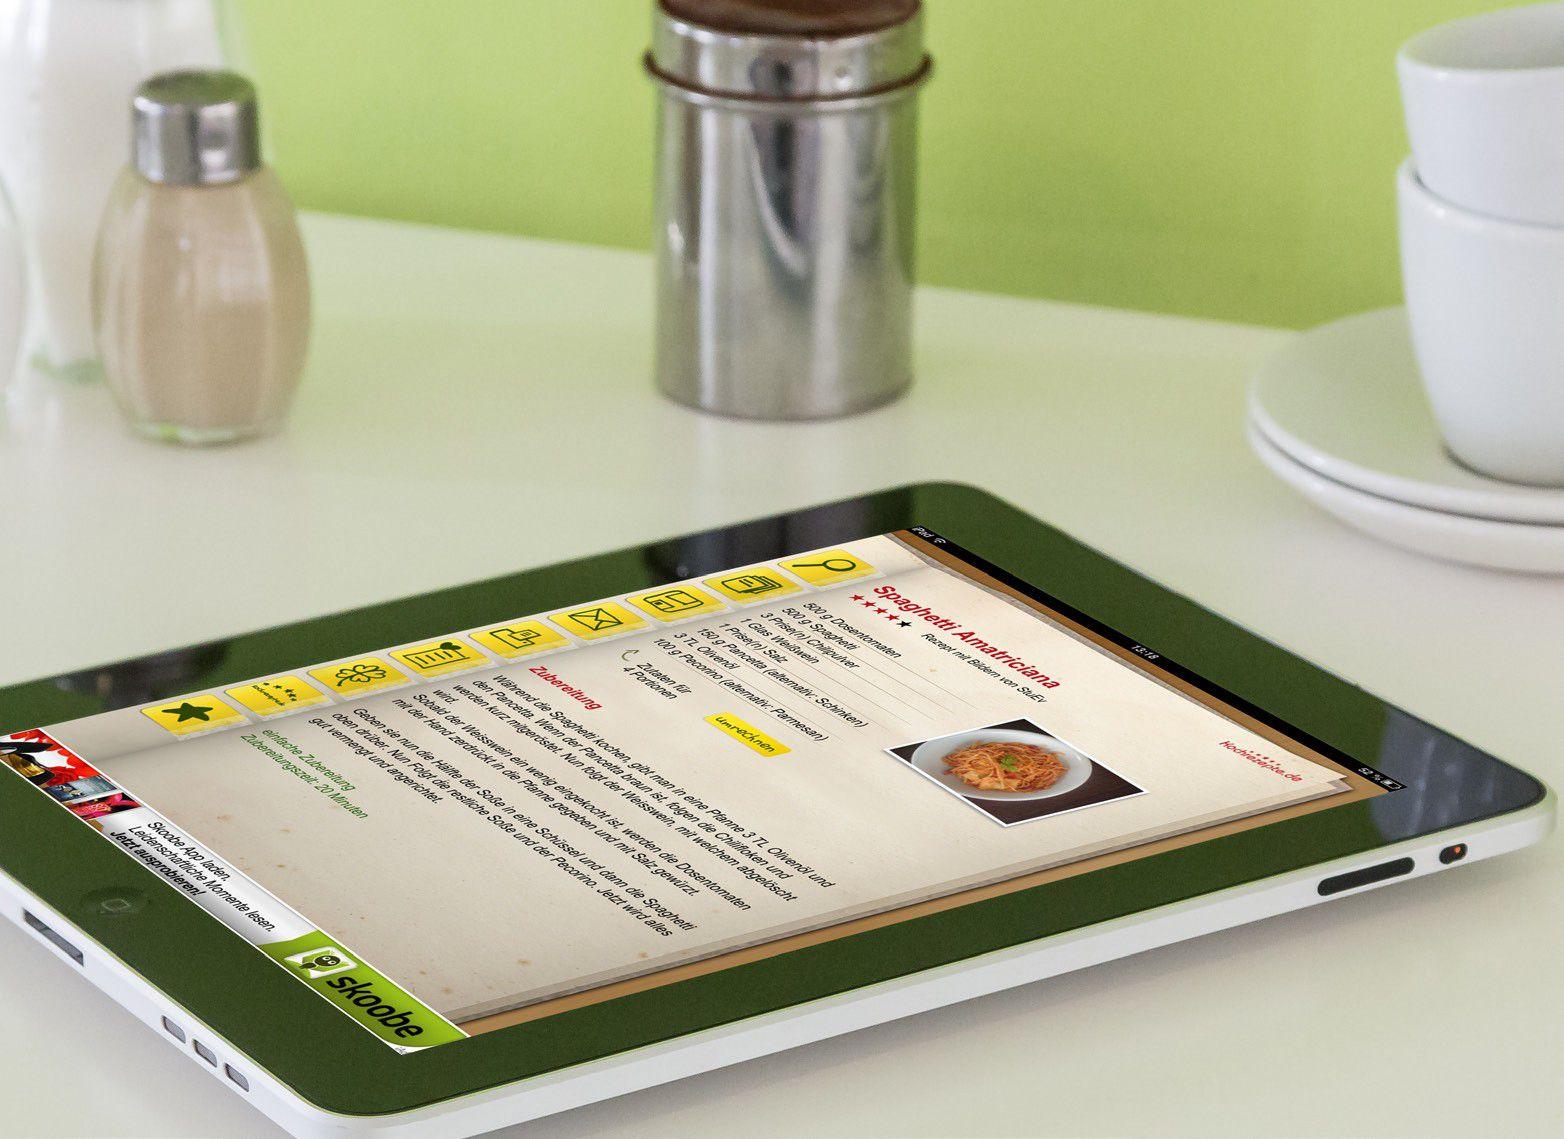 Das Ur-iPad im Einsatz - Macwelt